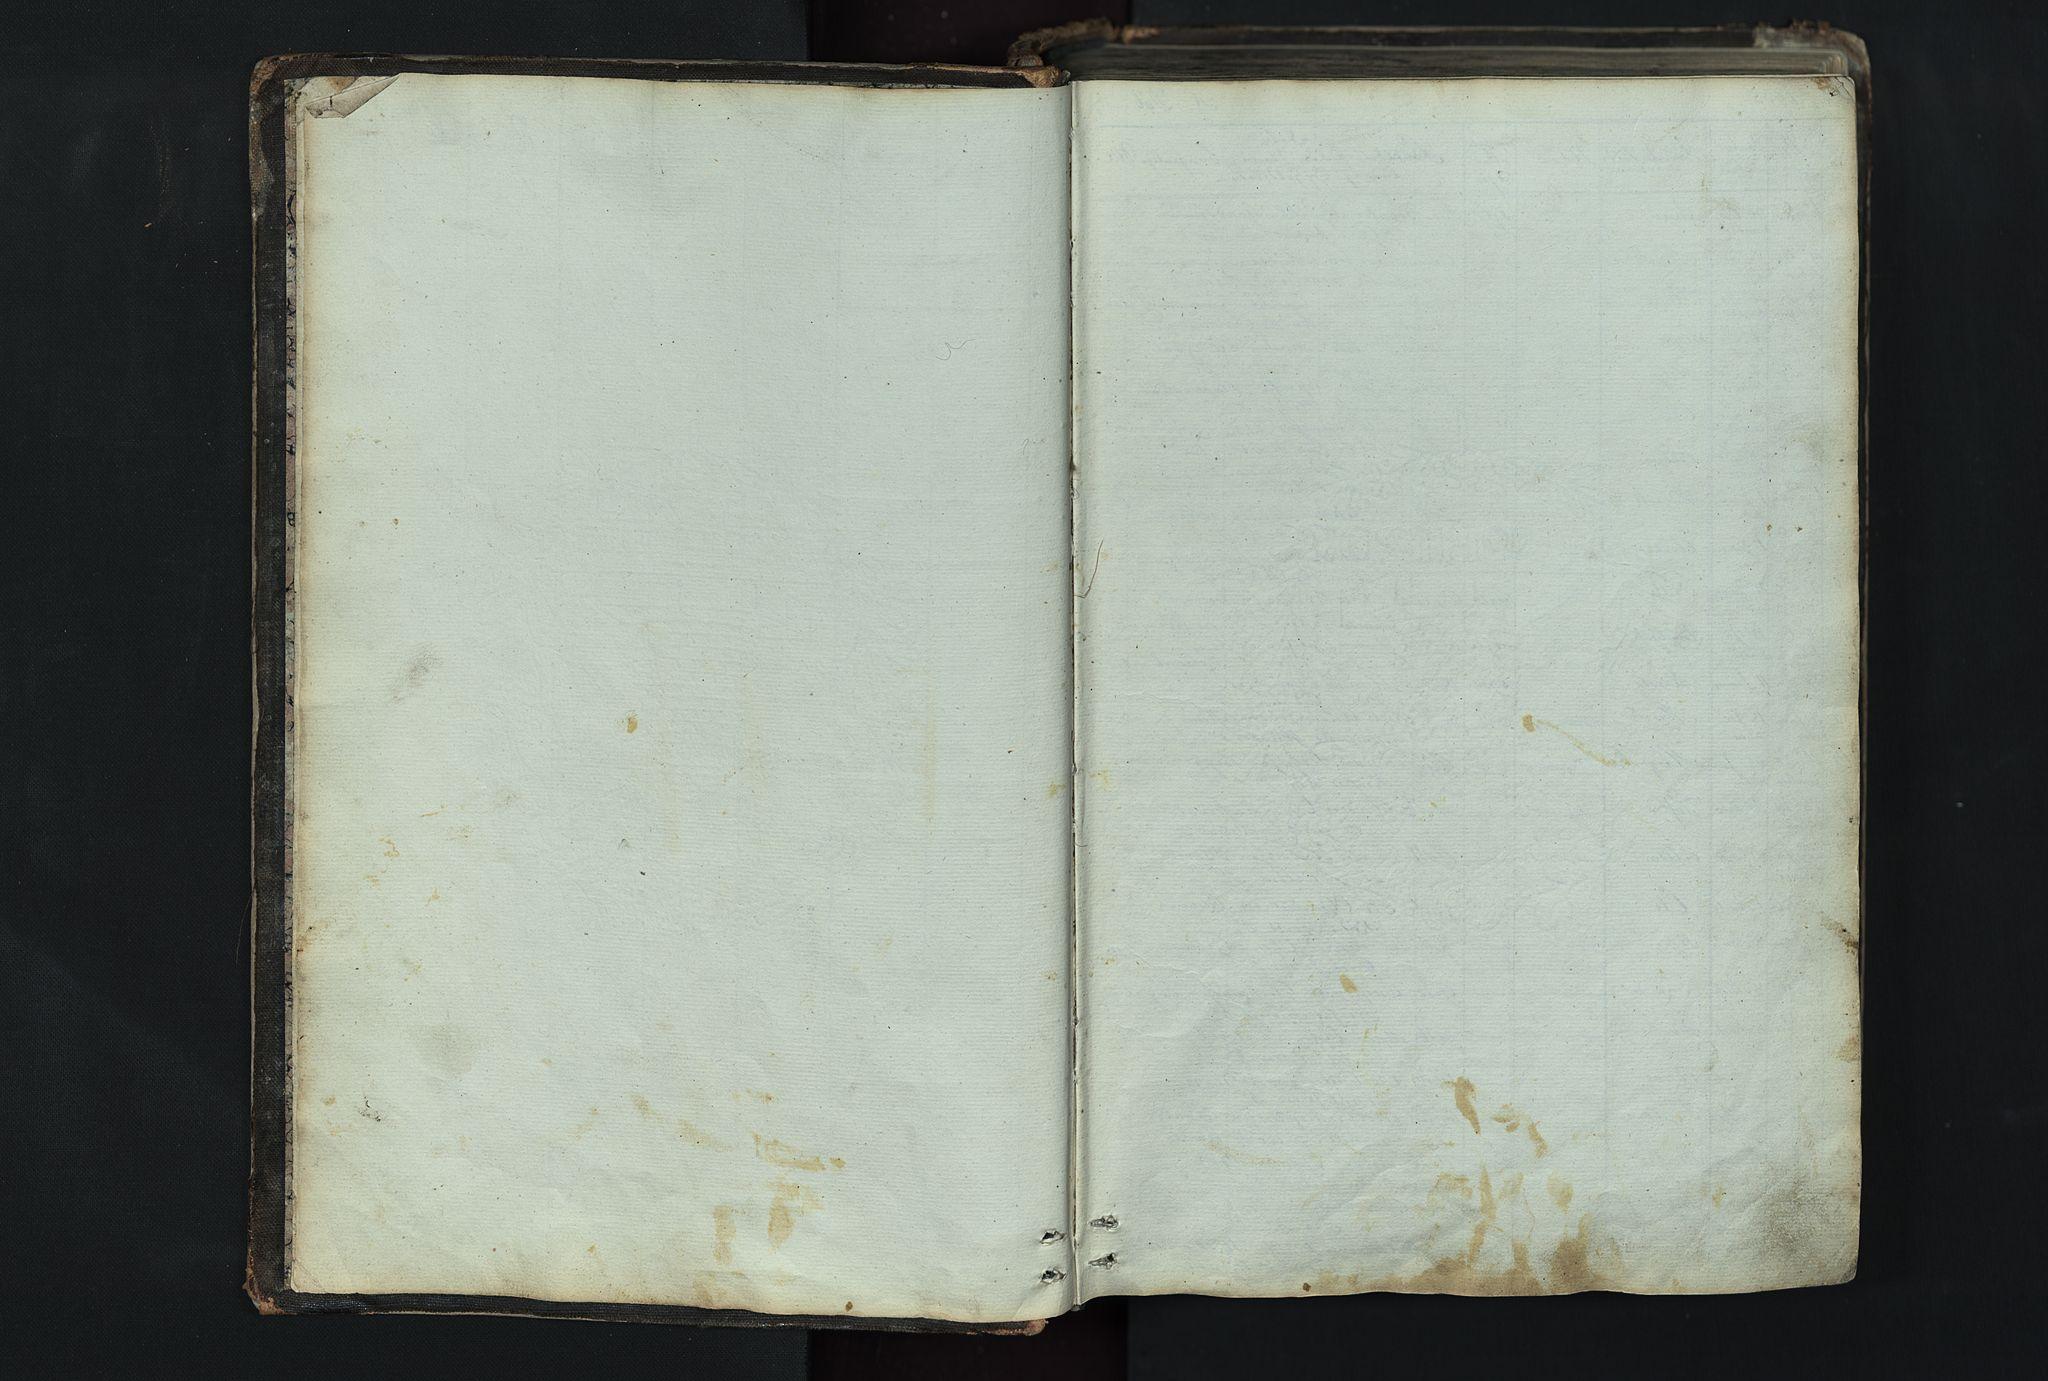 SAH, Vang prestekontor, Valdres, Klokkerbok nr. 4, 1835-1892, s. 2